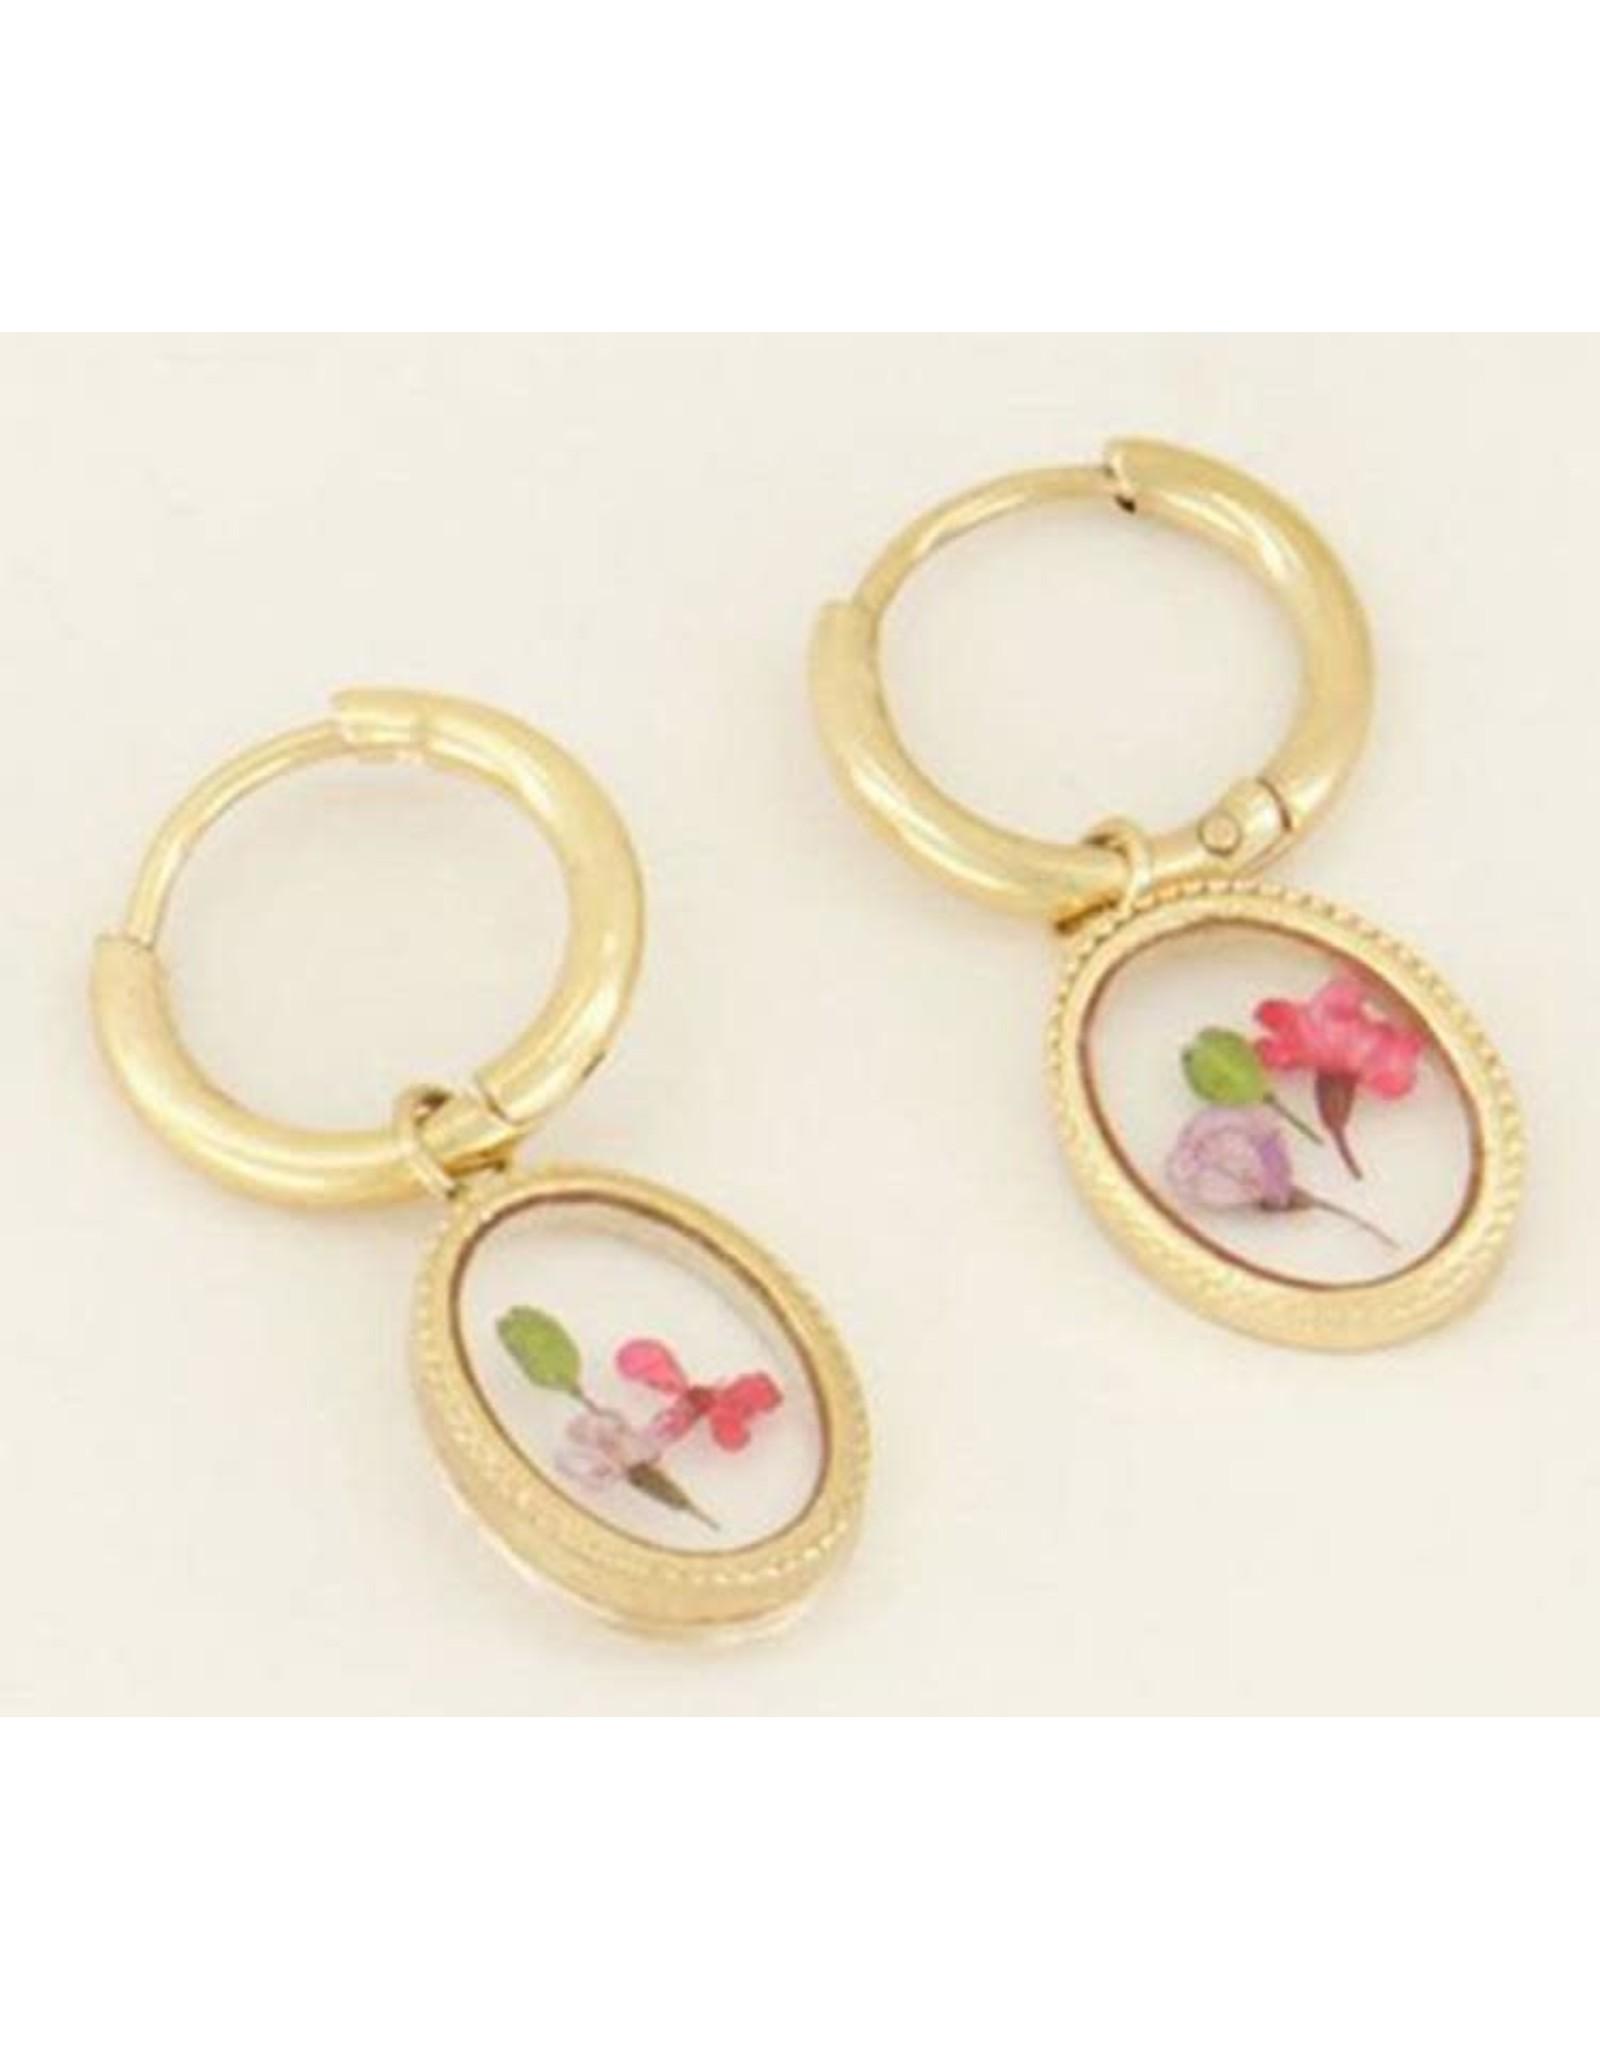 My Jewellery My Jewellery oorbellen - droogbloemen